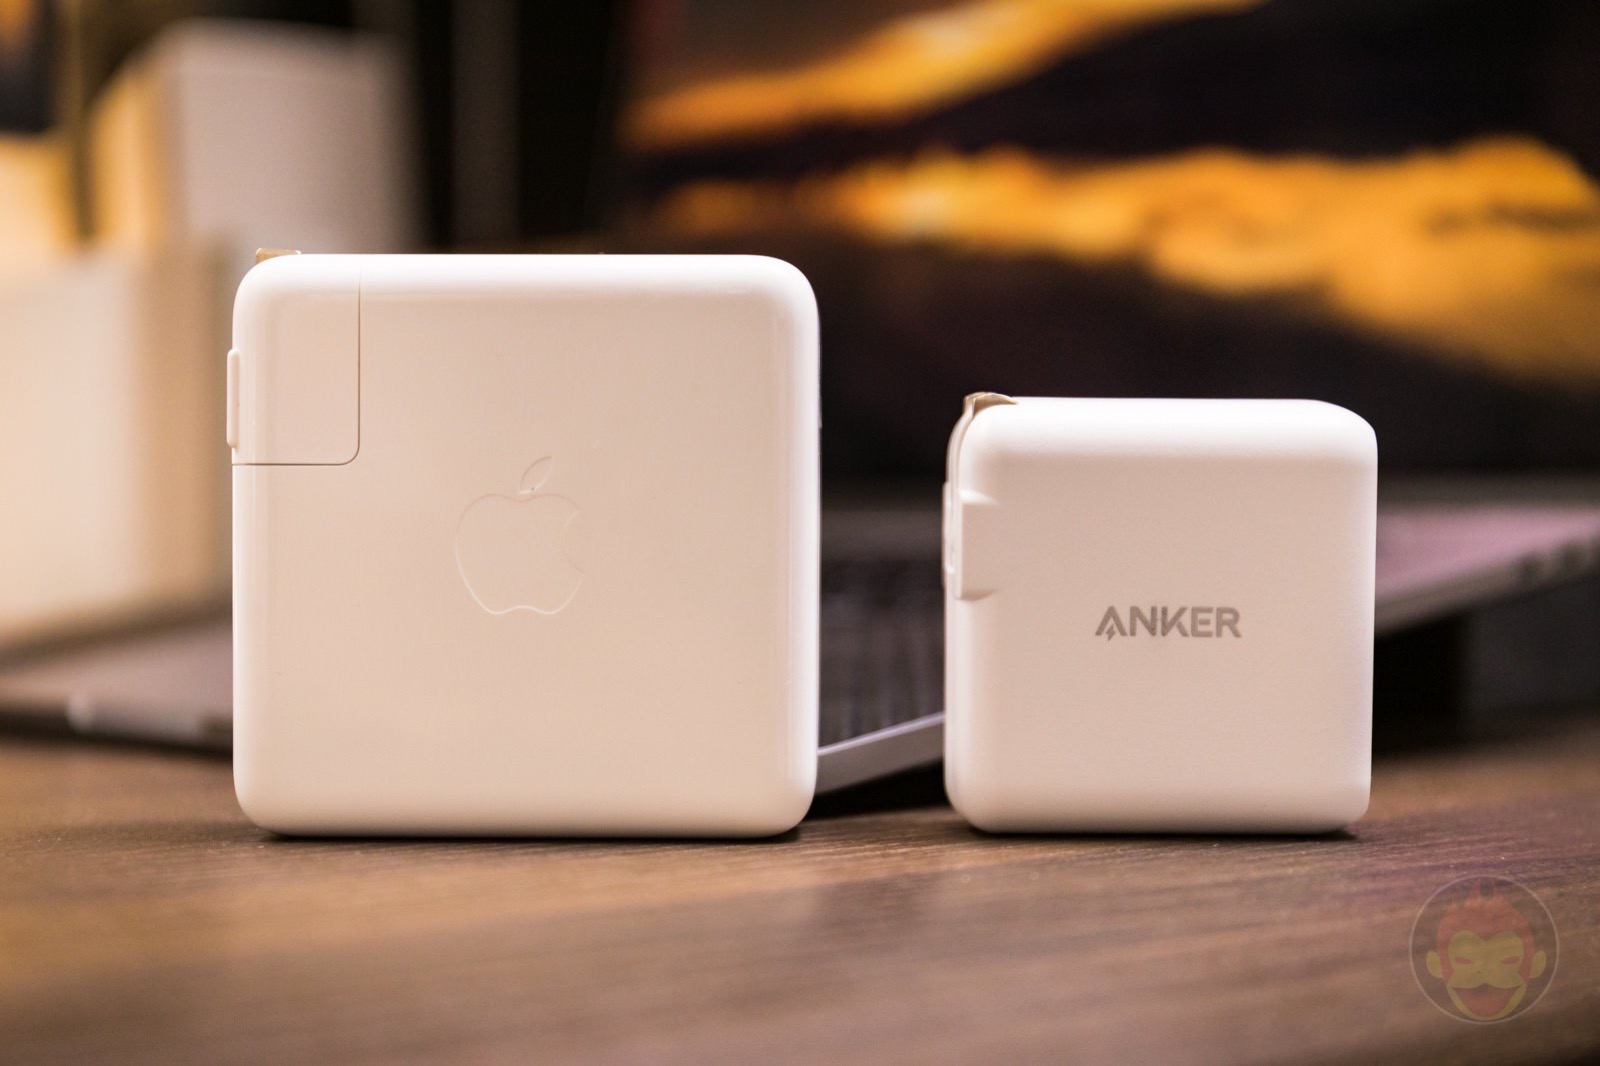 60W Anker Adapter VS Apple 96W Adapter 02